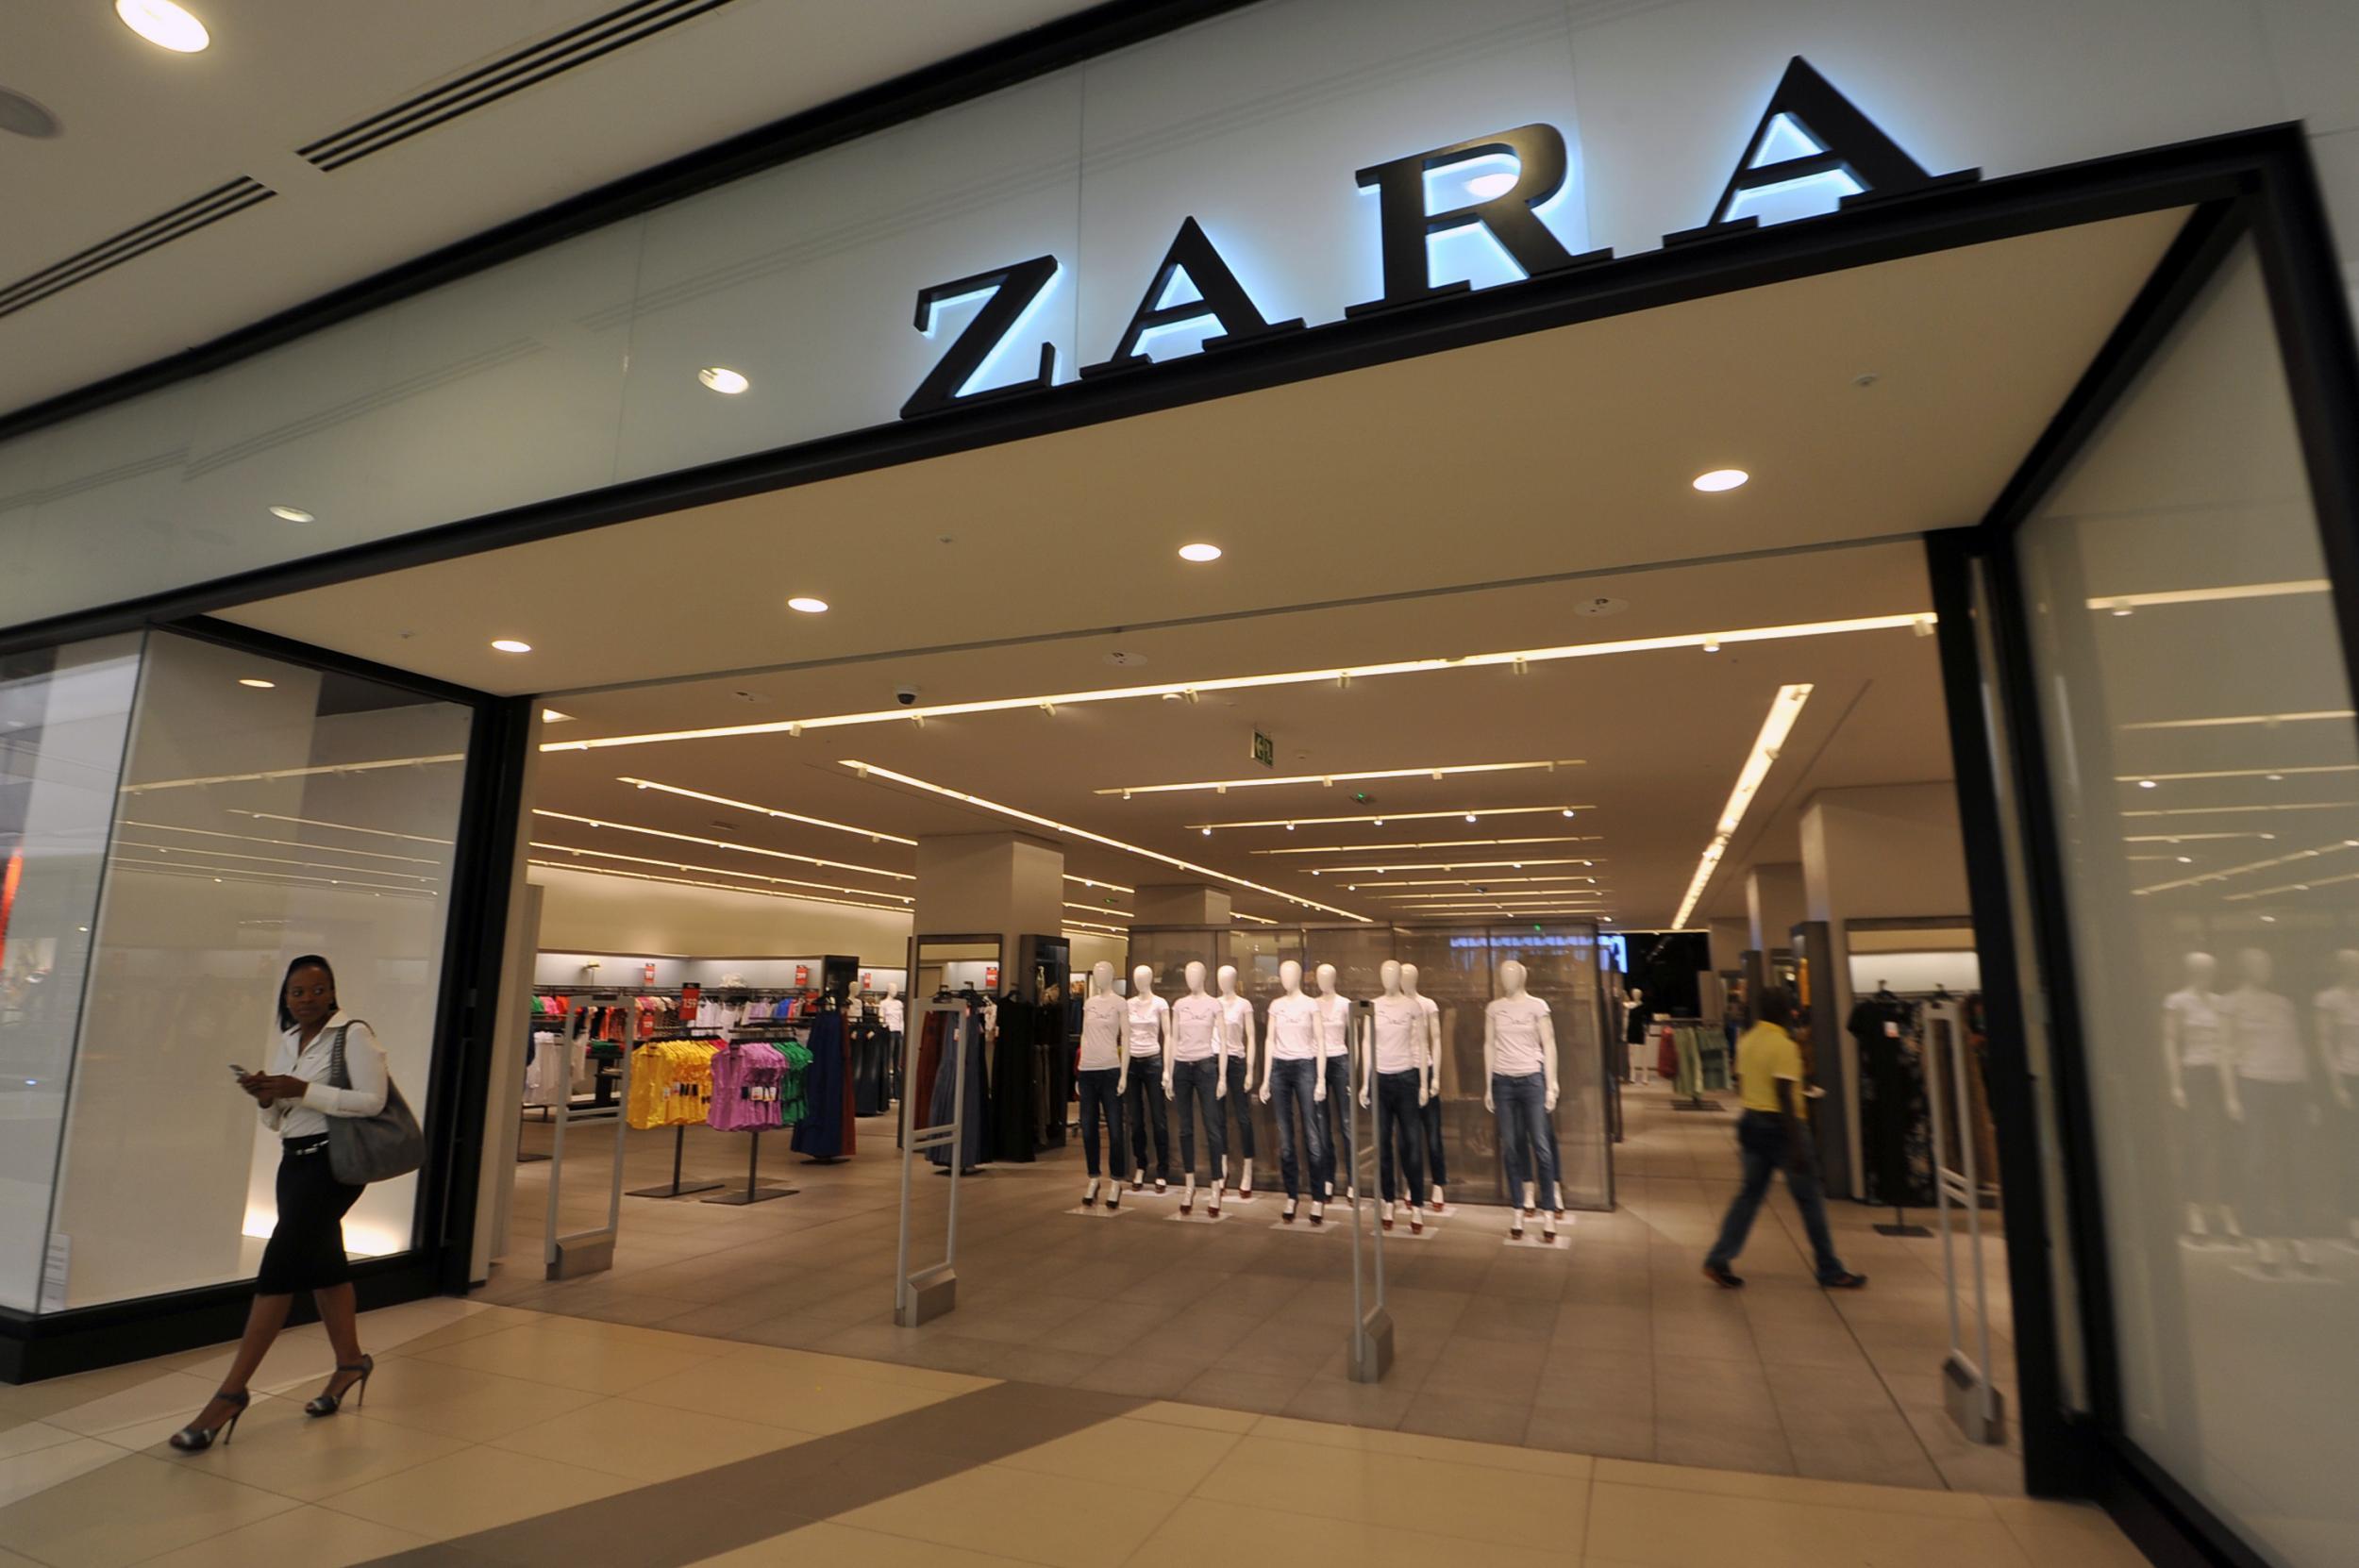 zara spain's most successful brand